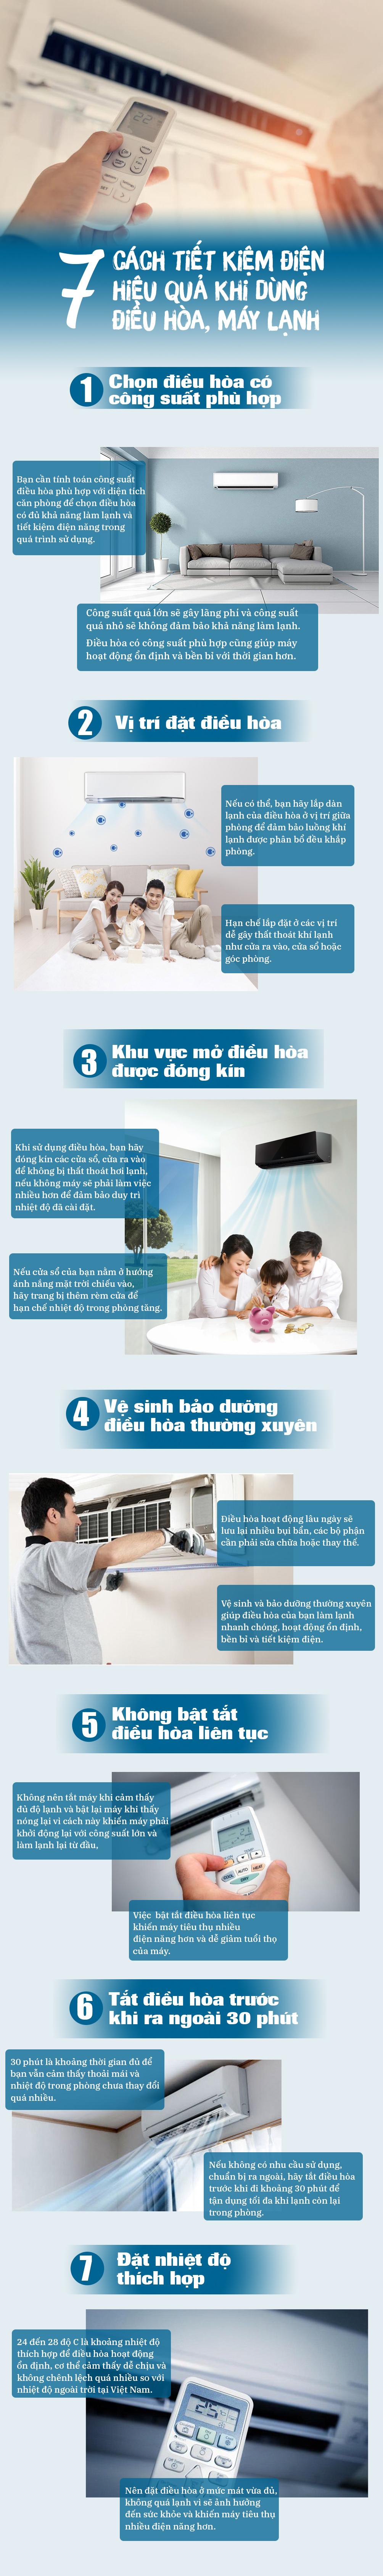 Cách tiết kiệm điện năng khi dùng điều hòa, máy lạnh ngày nắng nóng - 1